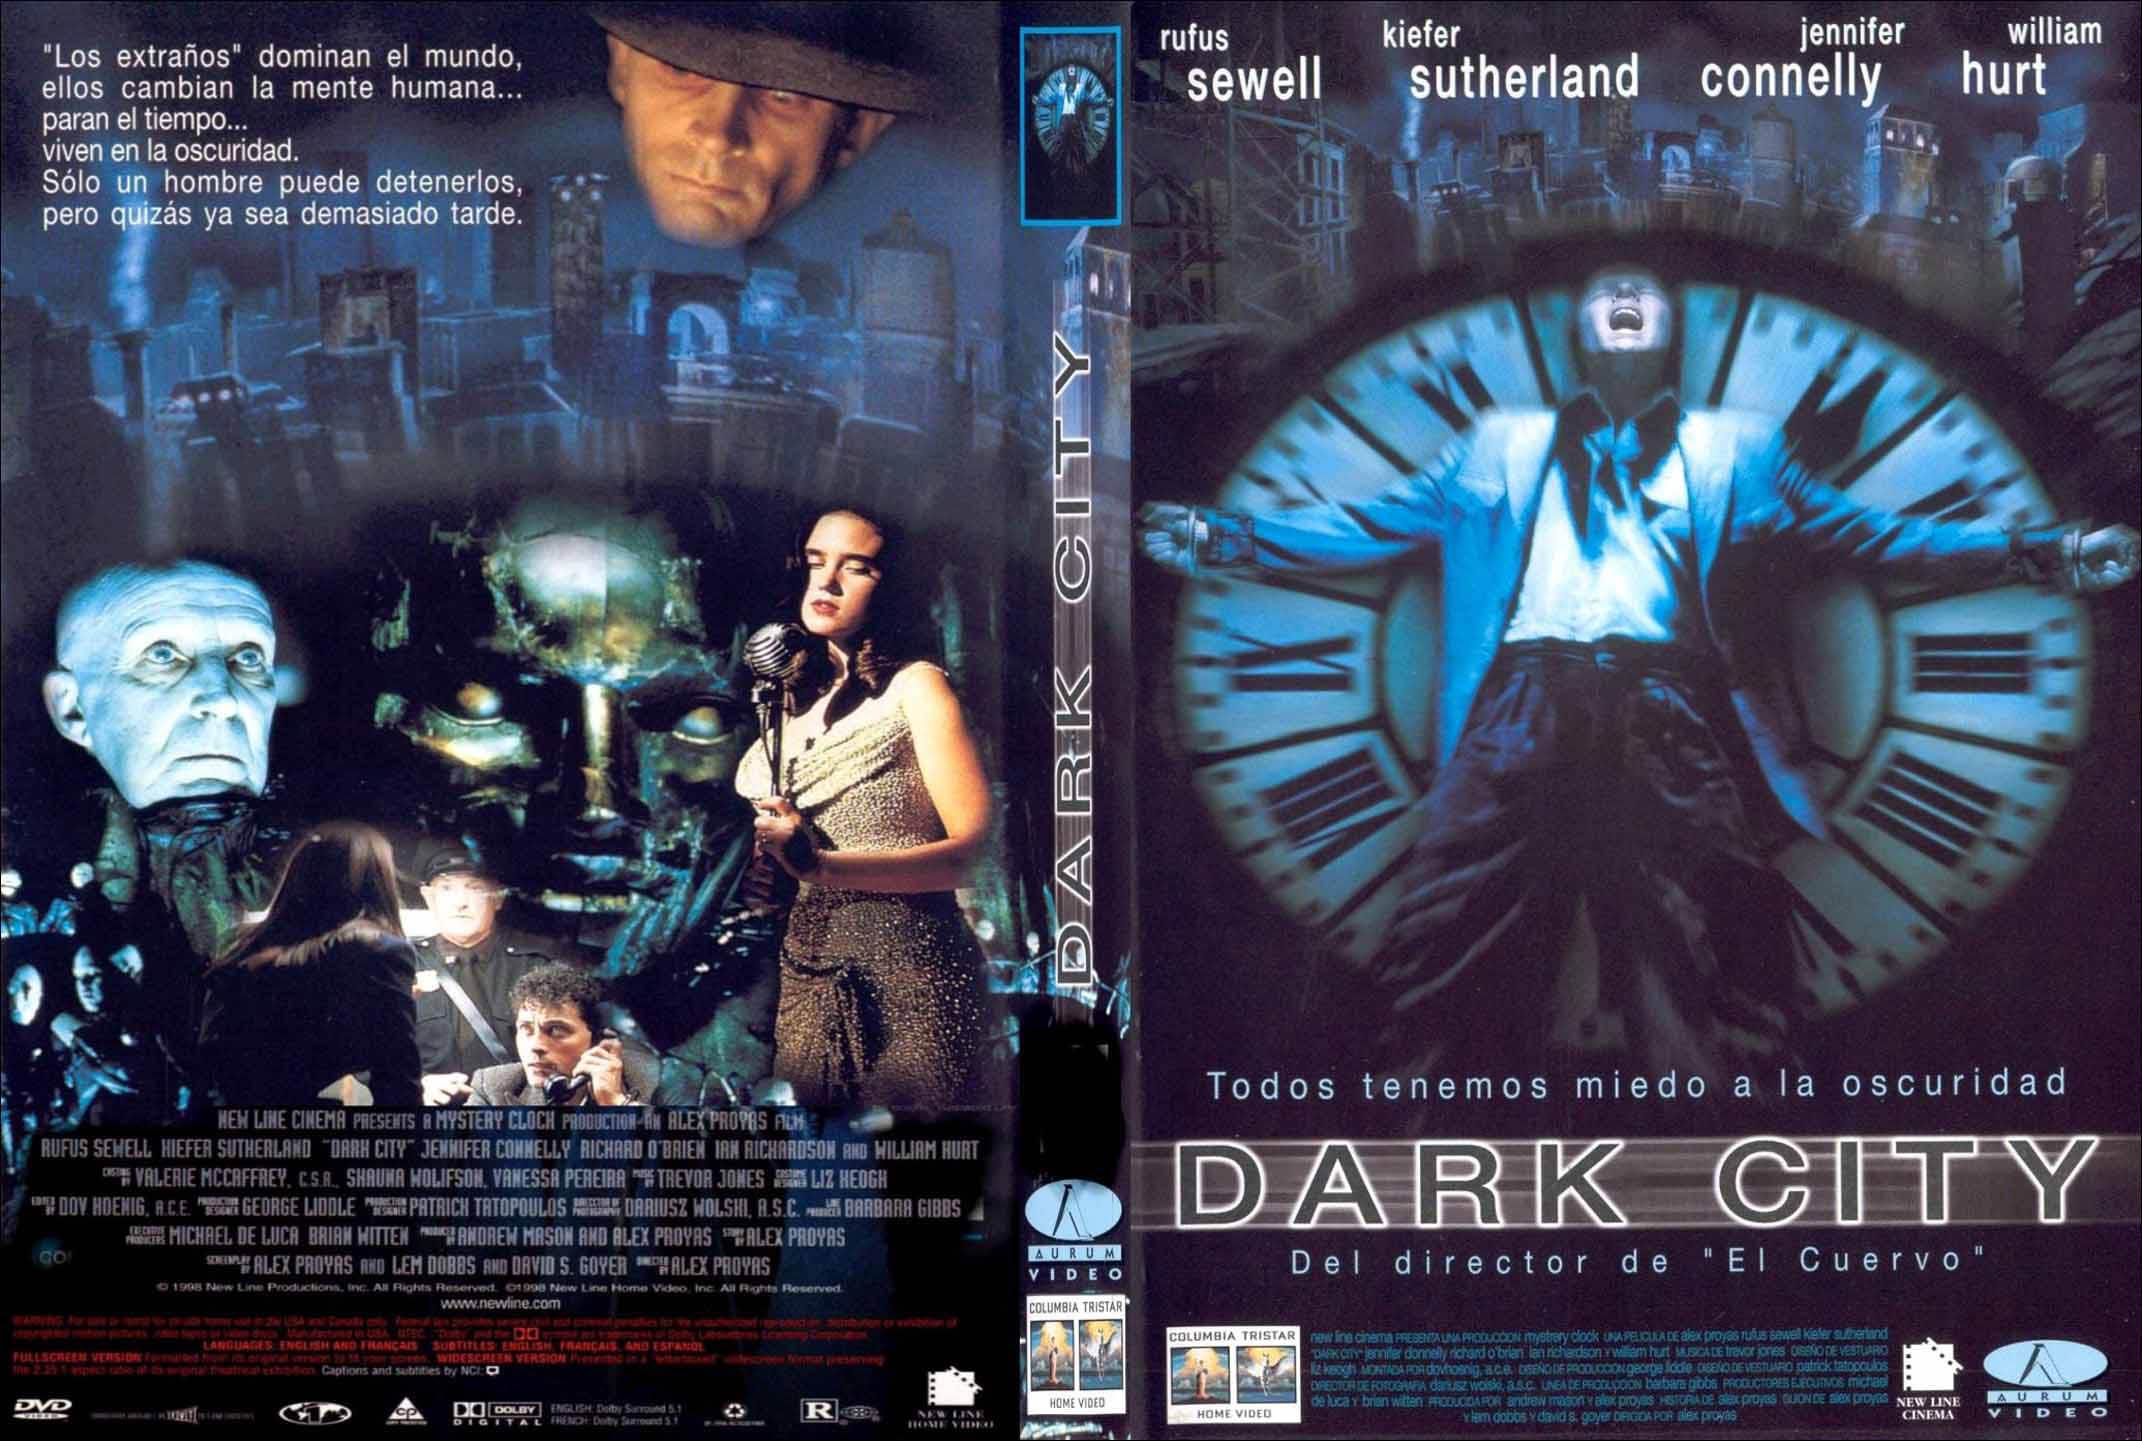 [Recomendación] 3 películas de estética cuidada y oscura (cine negro, ficción,..) Dark-city-frontal-dvd